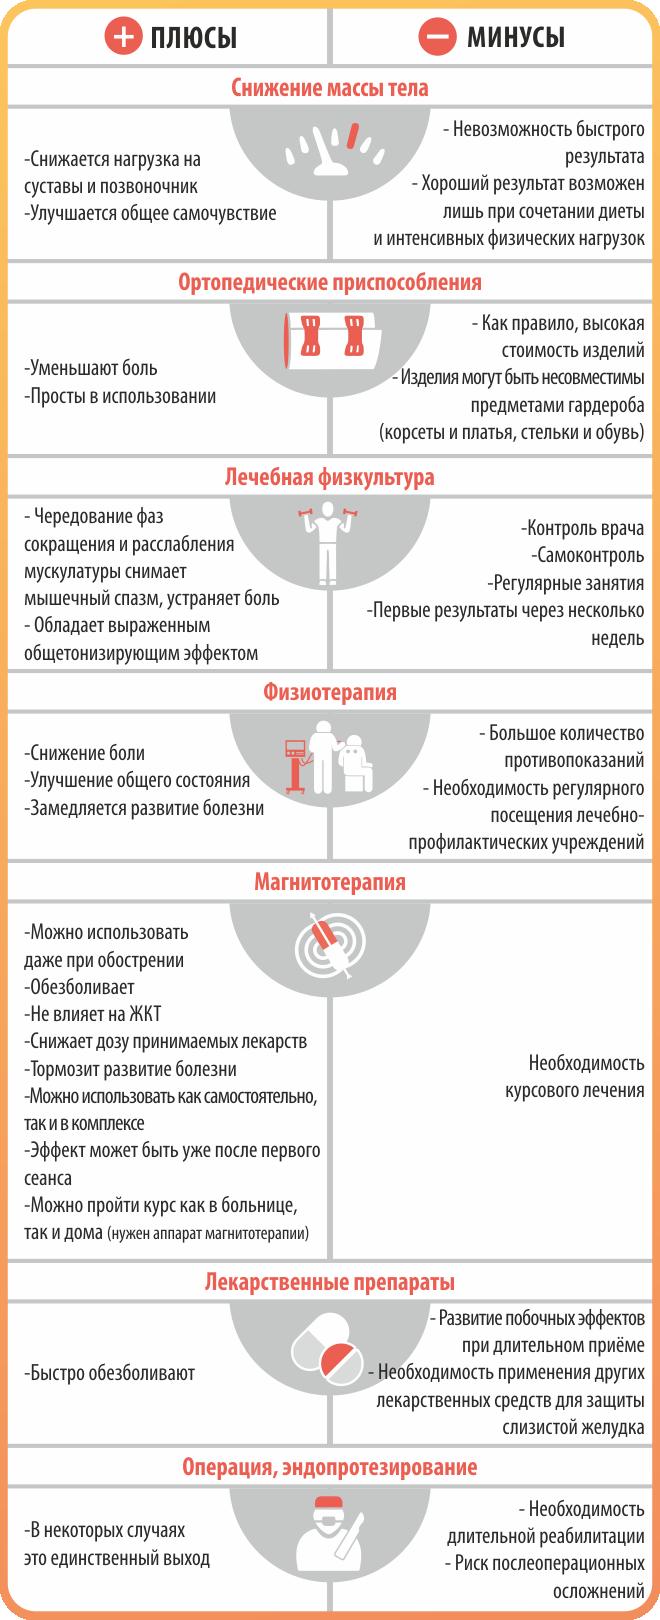 плюсы и минусы различных методов лечения суставов